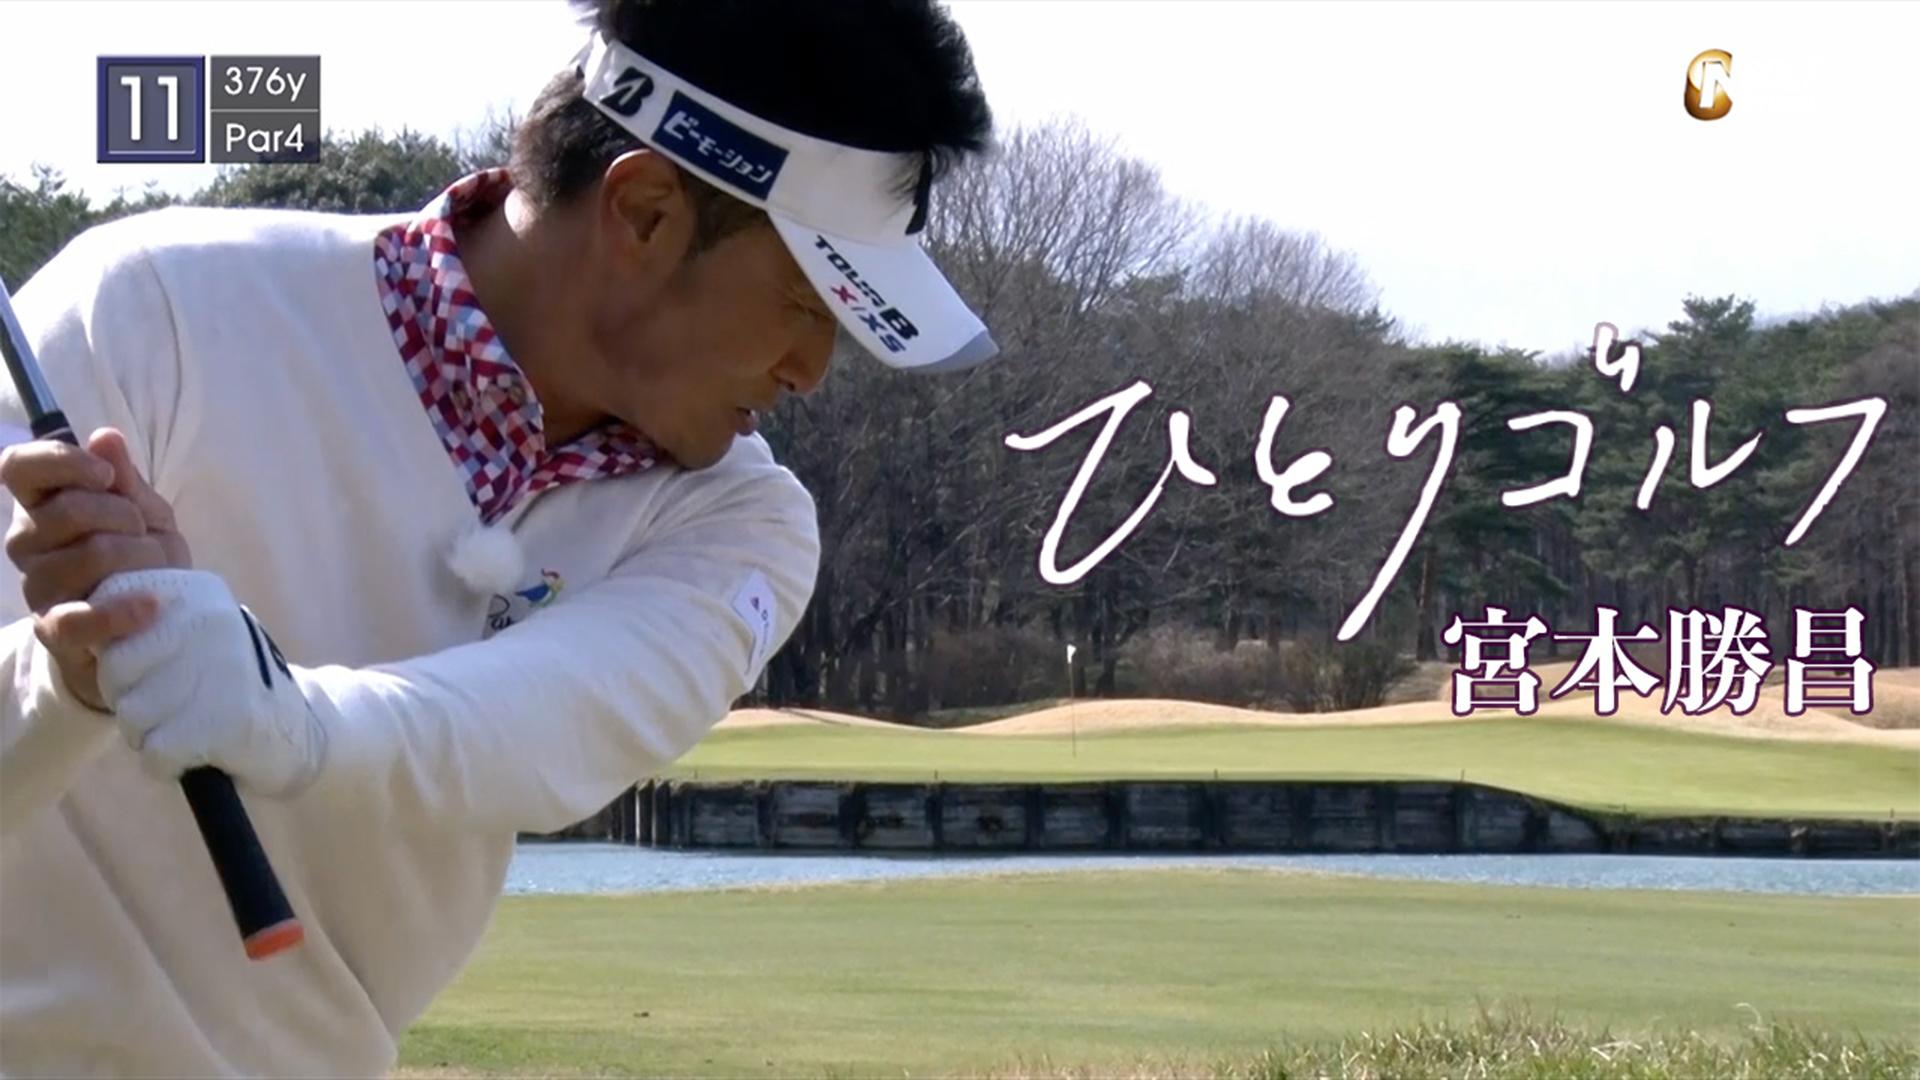 ひとりゴルフ ~宮本勝昌~(栃木県/ホウライカントリー倶楽部 10番・11番ホール)